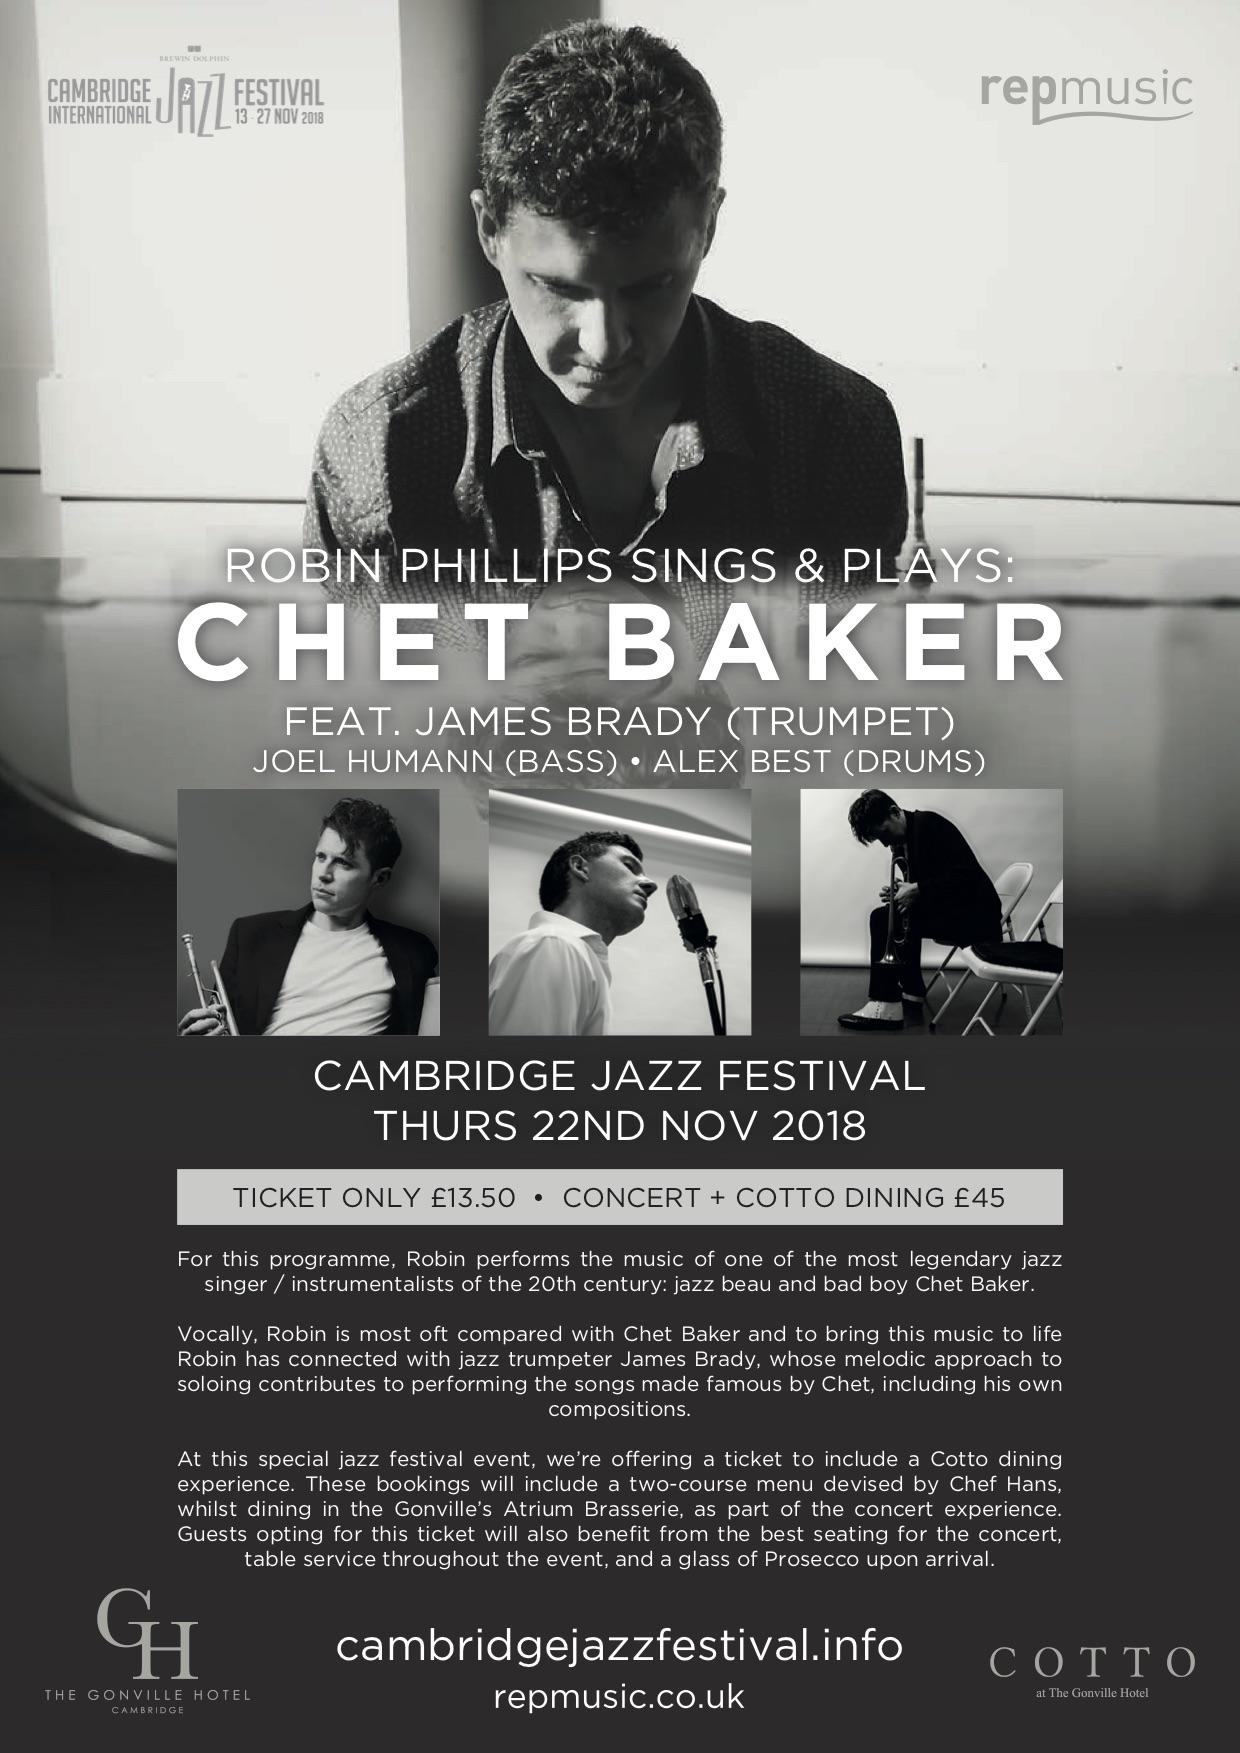 Robin Phillips Sings & Plays - Chet Baker A4 Poster (Portrait) - Cambridge Jazz Festival Thurs 22nd Nov 2018